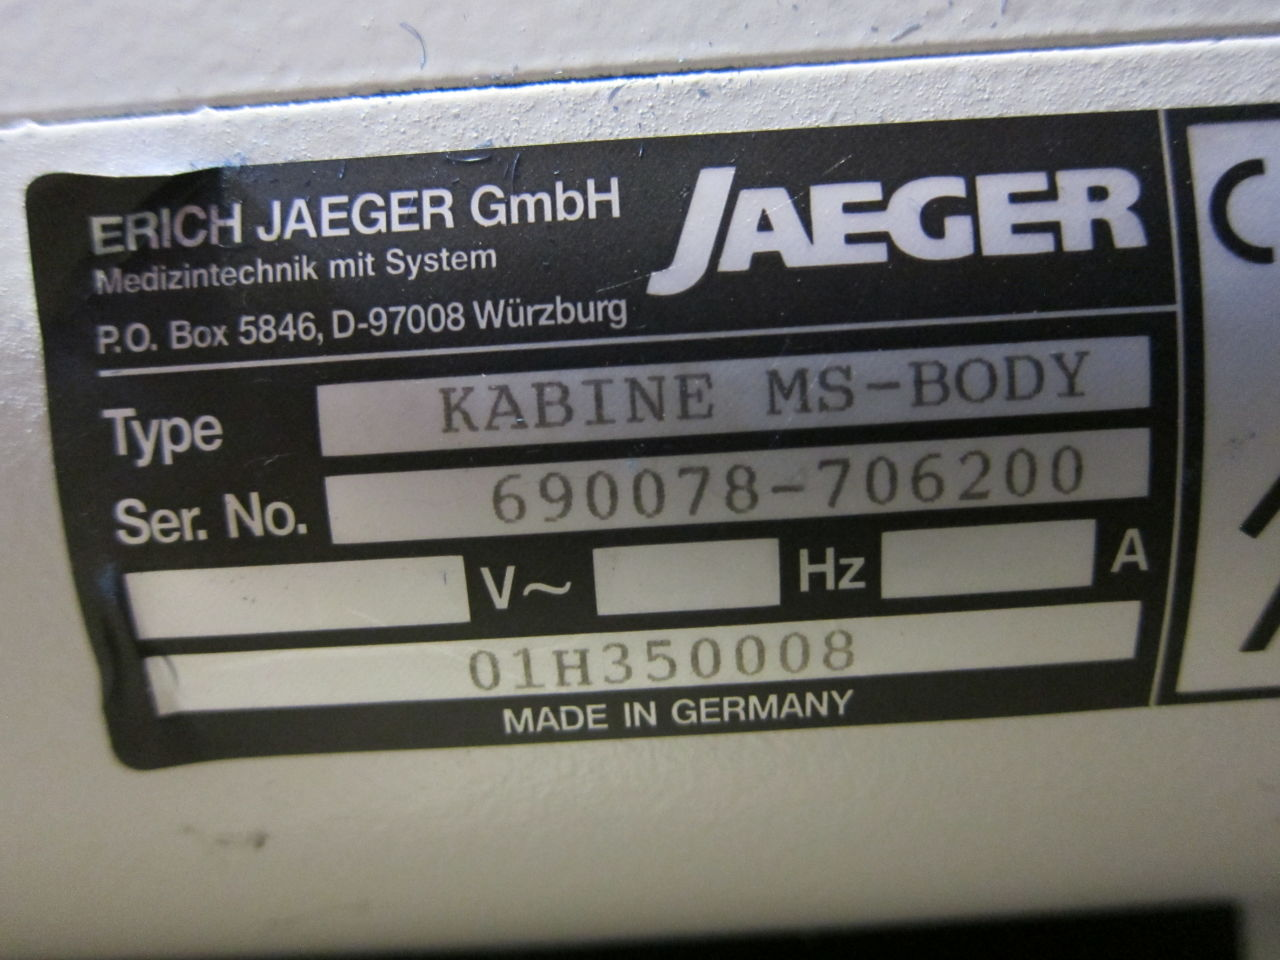 JAEGER MasterScreen Body Cabinet Plethysmograph